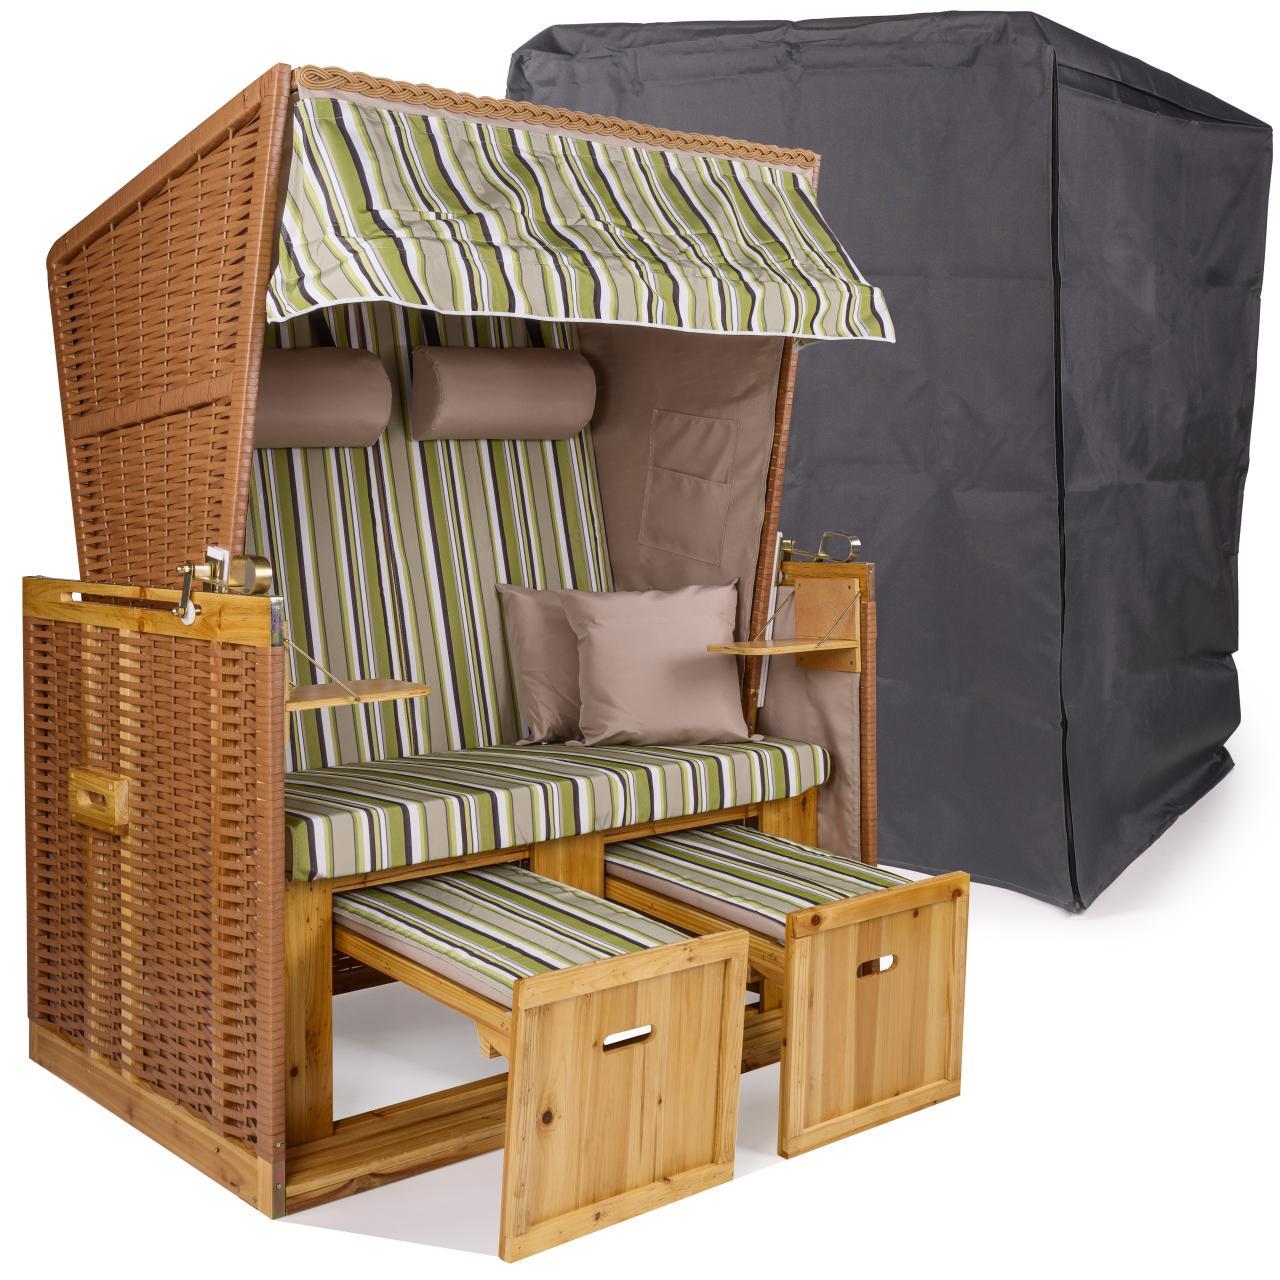 strandkorb xxl premium nordsee gartenliege sylt volllieger gartenm bel rattan. Black Bedroom Furniture Sets. Home Design Ideas